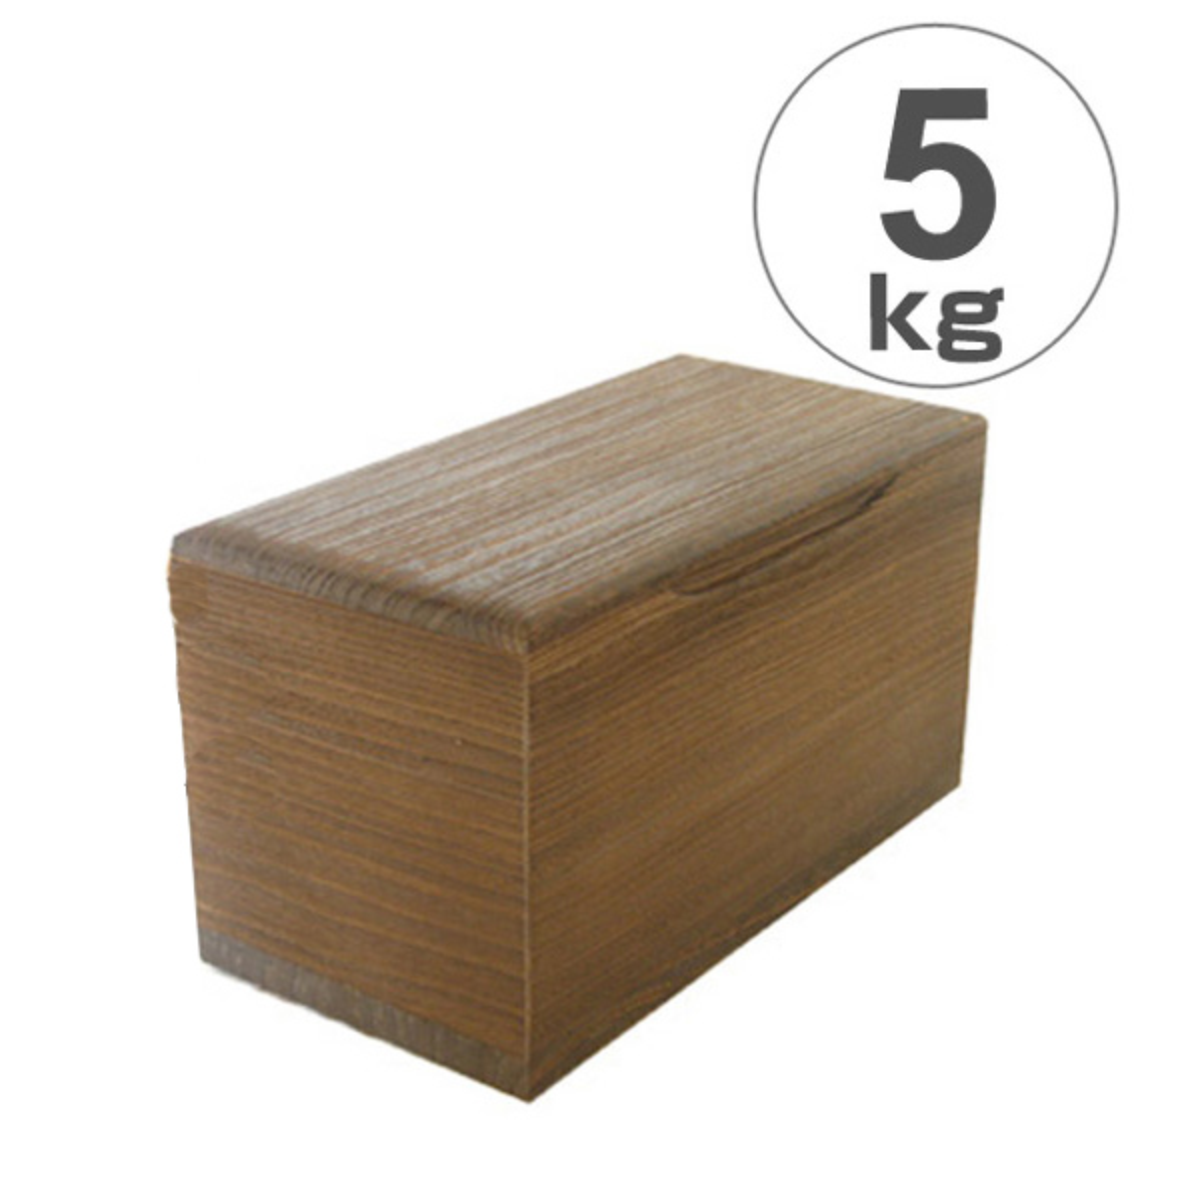 米びつ 桐製 5kg 焼桐 ( 送料無料 米櫃 ライスボックス ライスストッカー 5kg用 5キロ 桐 和風 桐製米びつ お米 収納 キッチン収納 ストッカー 保存 キッチン こめびつ )